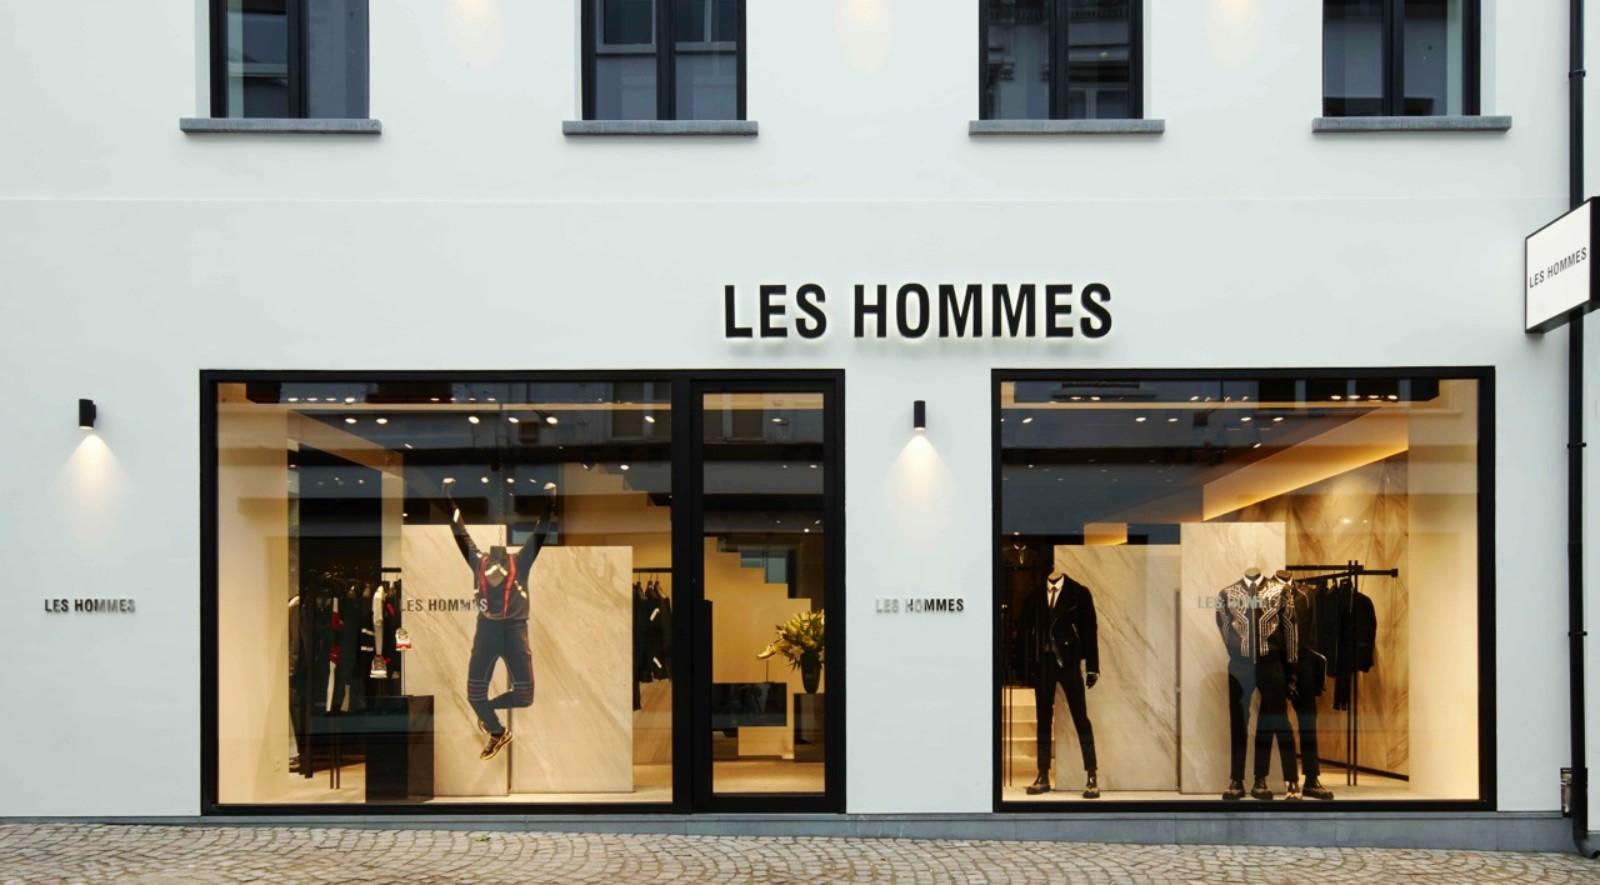 Les Hommes in Antwerp